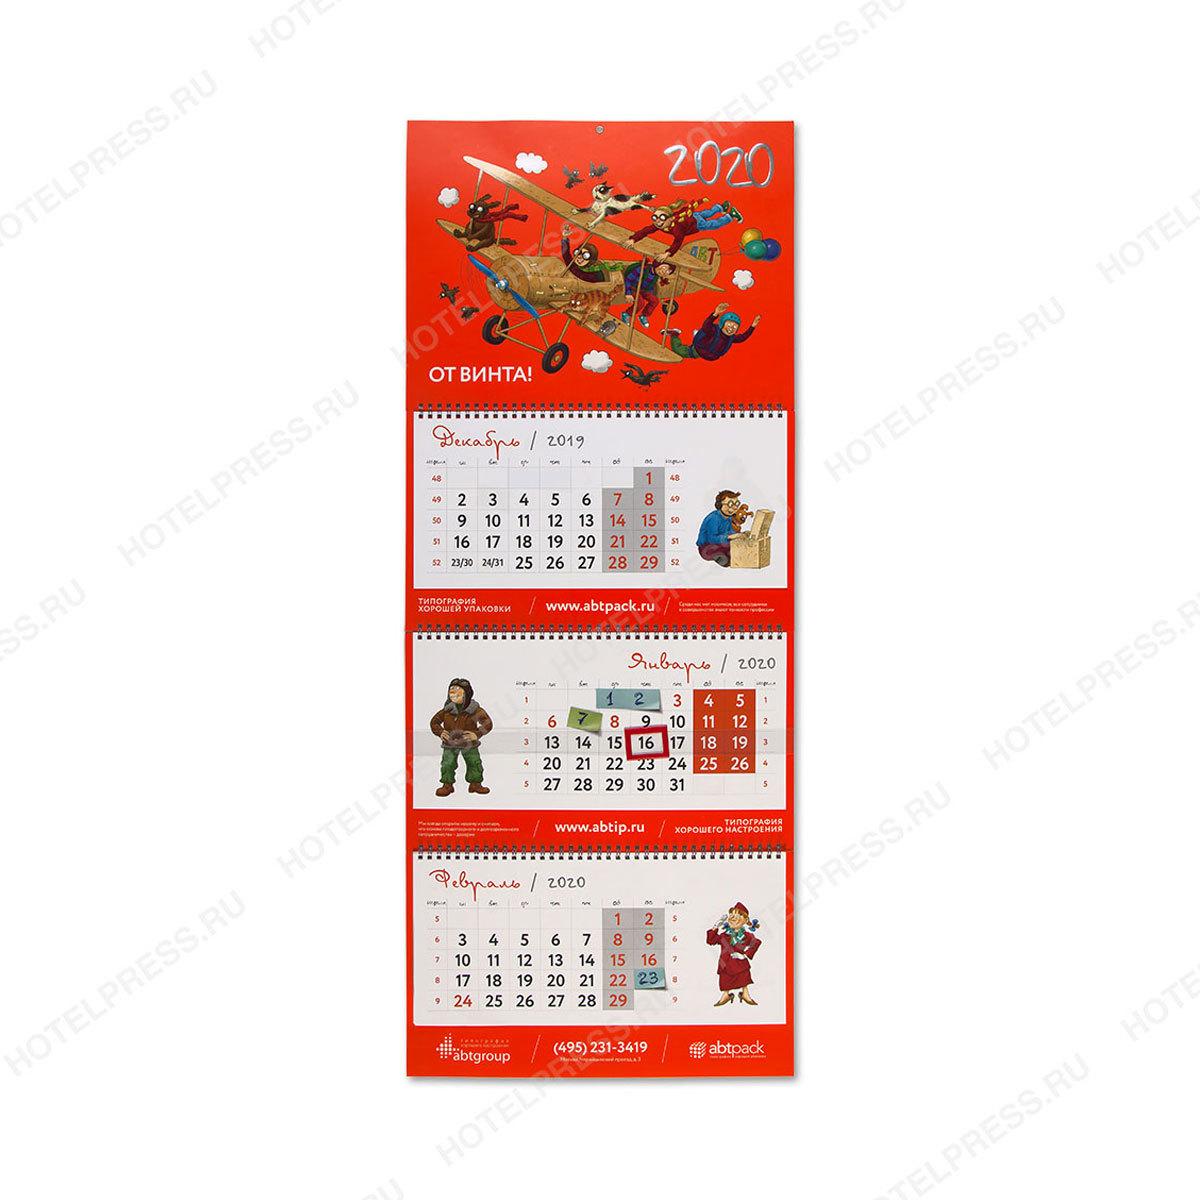 Квартальный календарь на 3-х пружинах с ярким индивидуальным дизайном